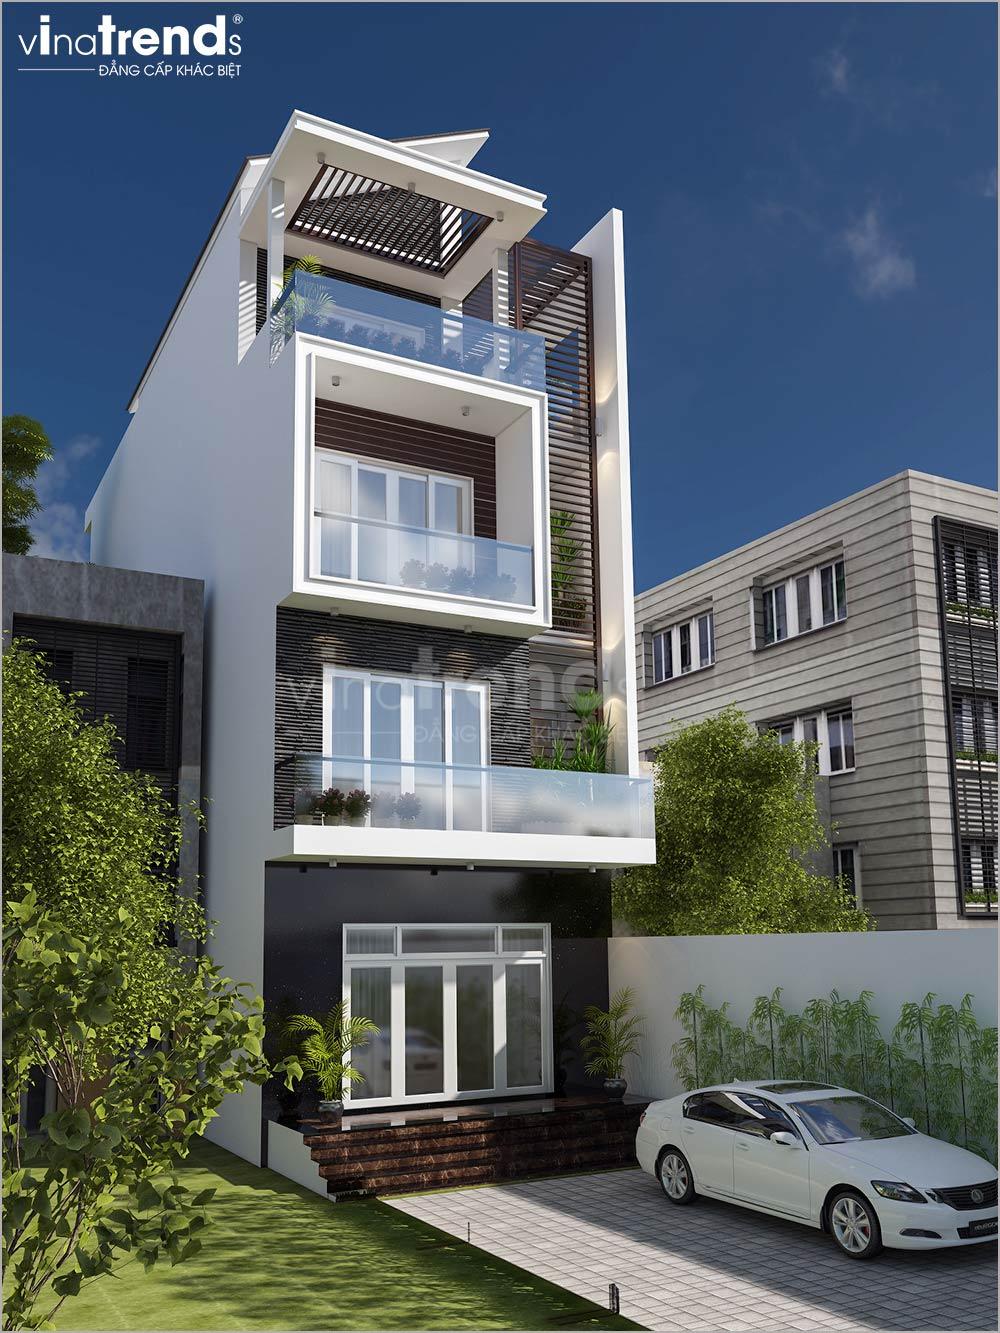 mau nha mat tien 5m 4 tang hien dai dep nhat 2 Mẫu nhà mặt tiền 5m 5 tầng dài 20m như khách sạn mini ở Hồ Chí Minh